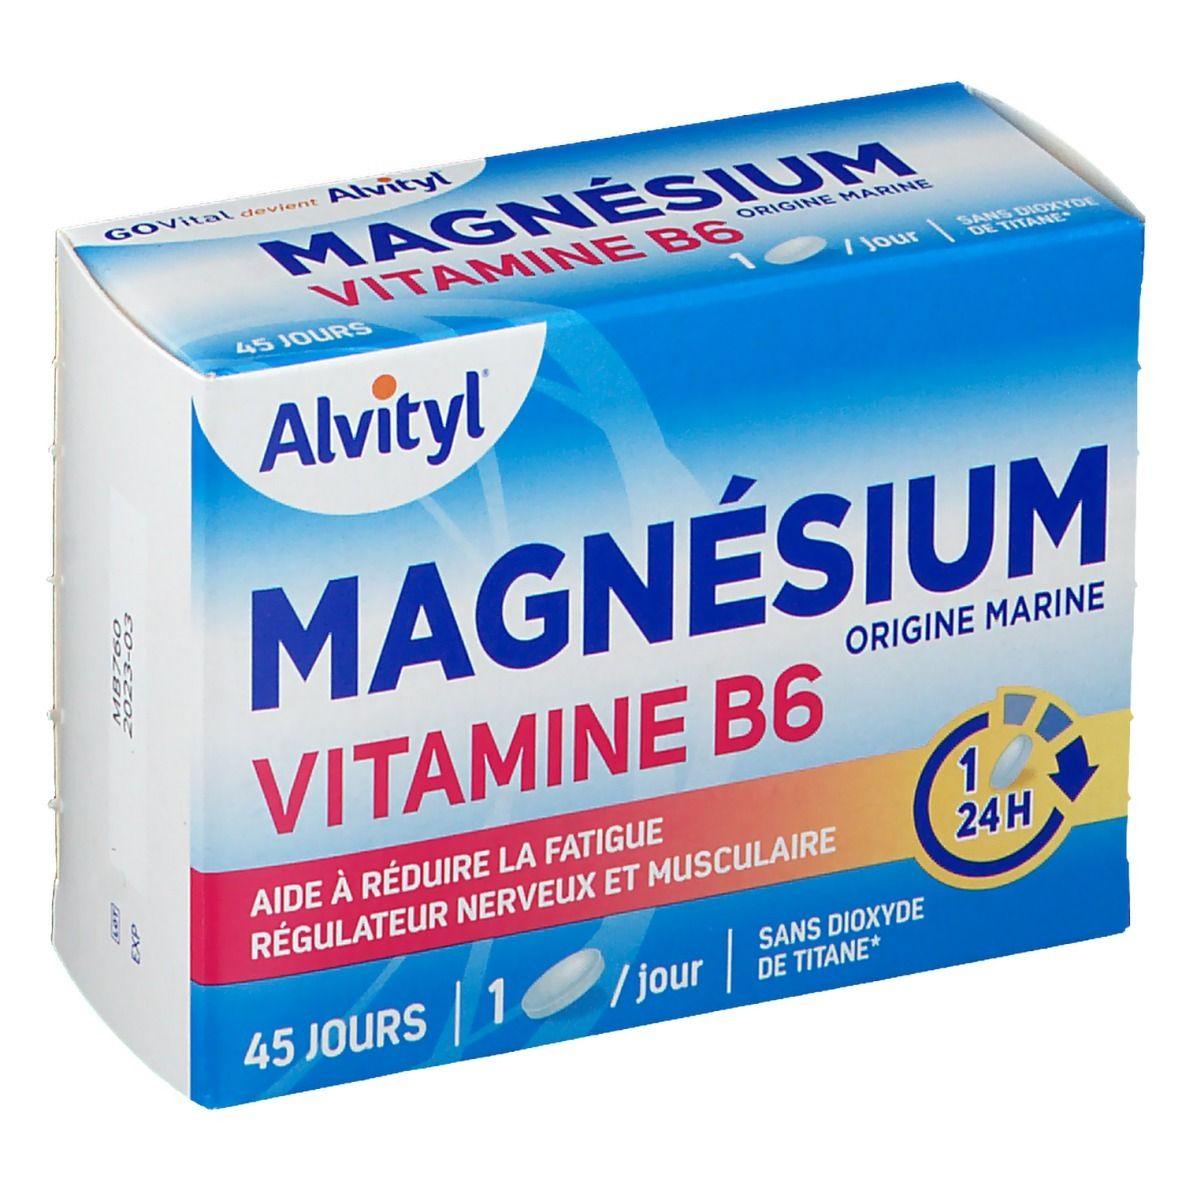 GOVital Magnésium vitamine B6